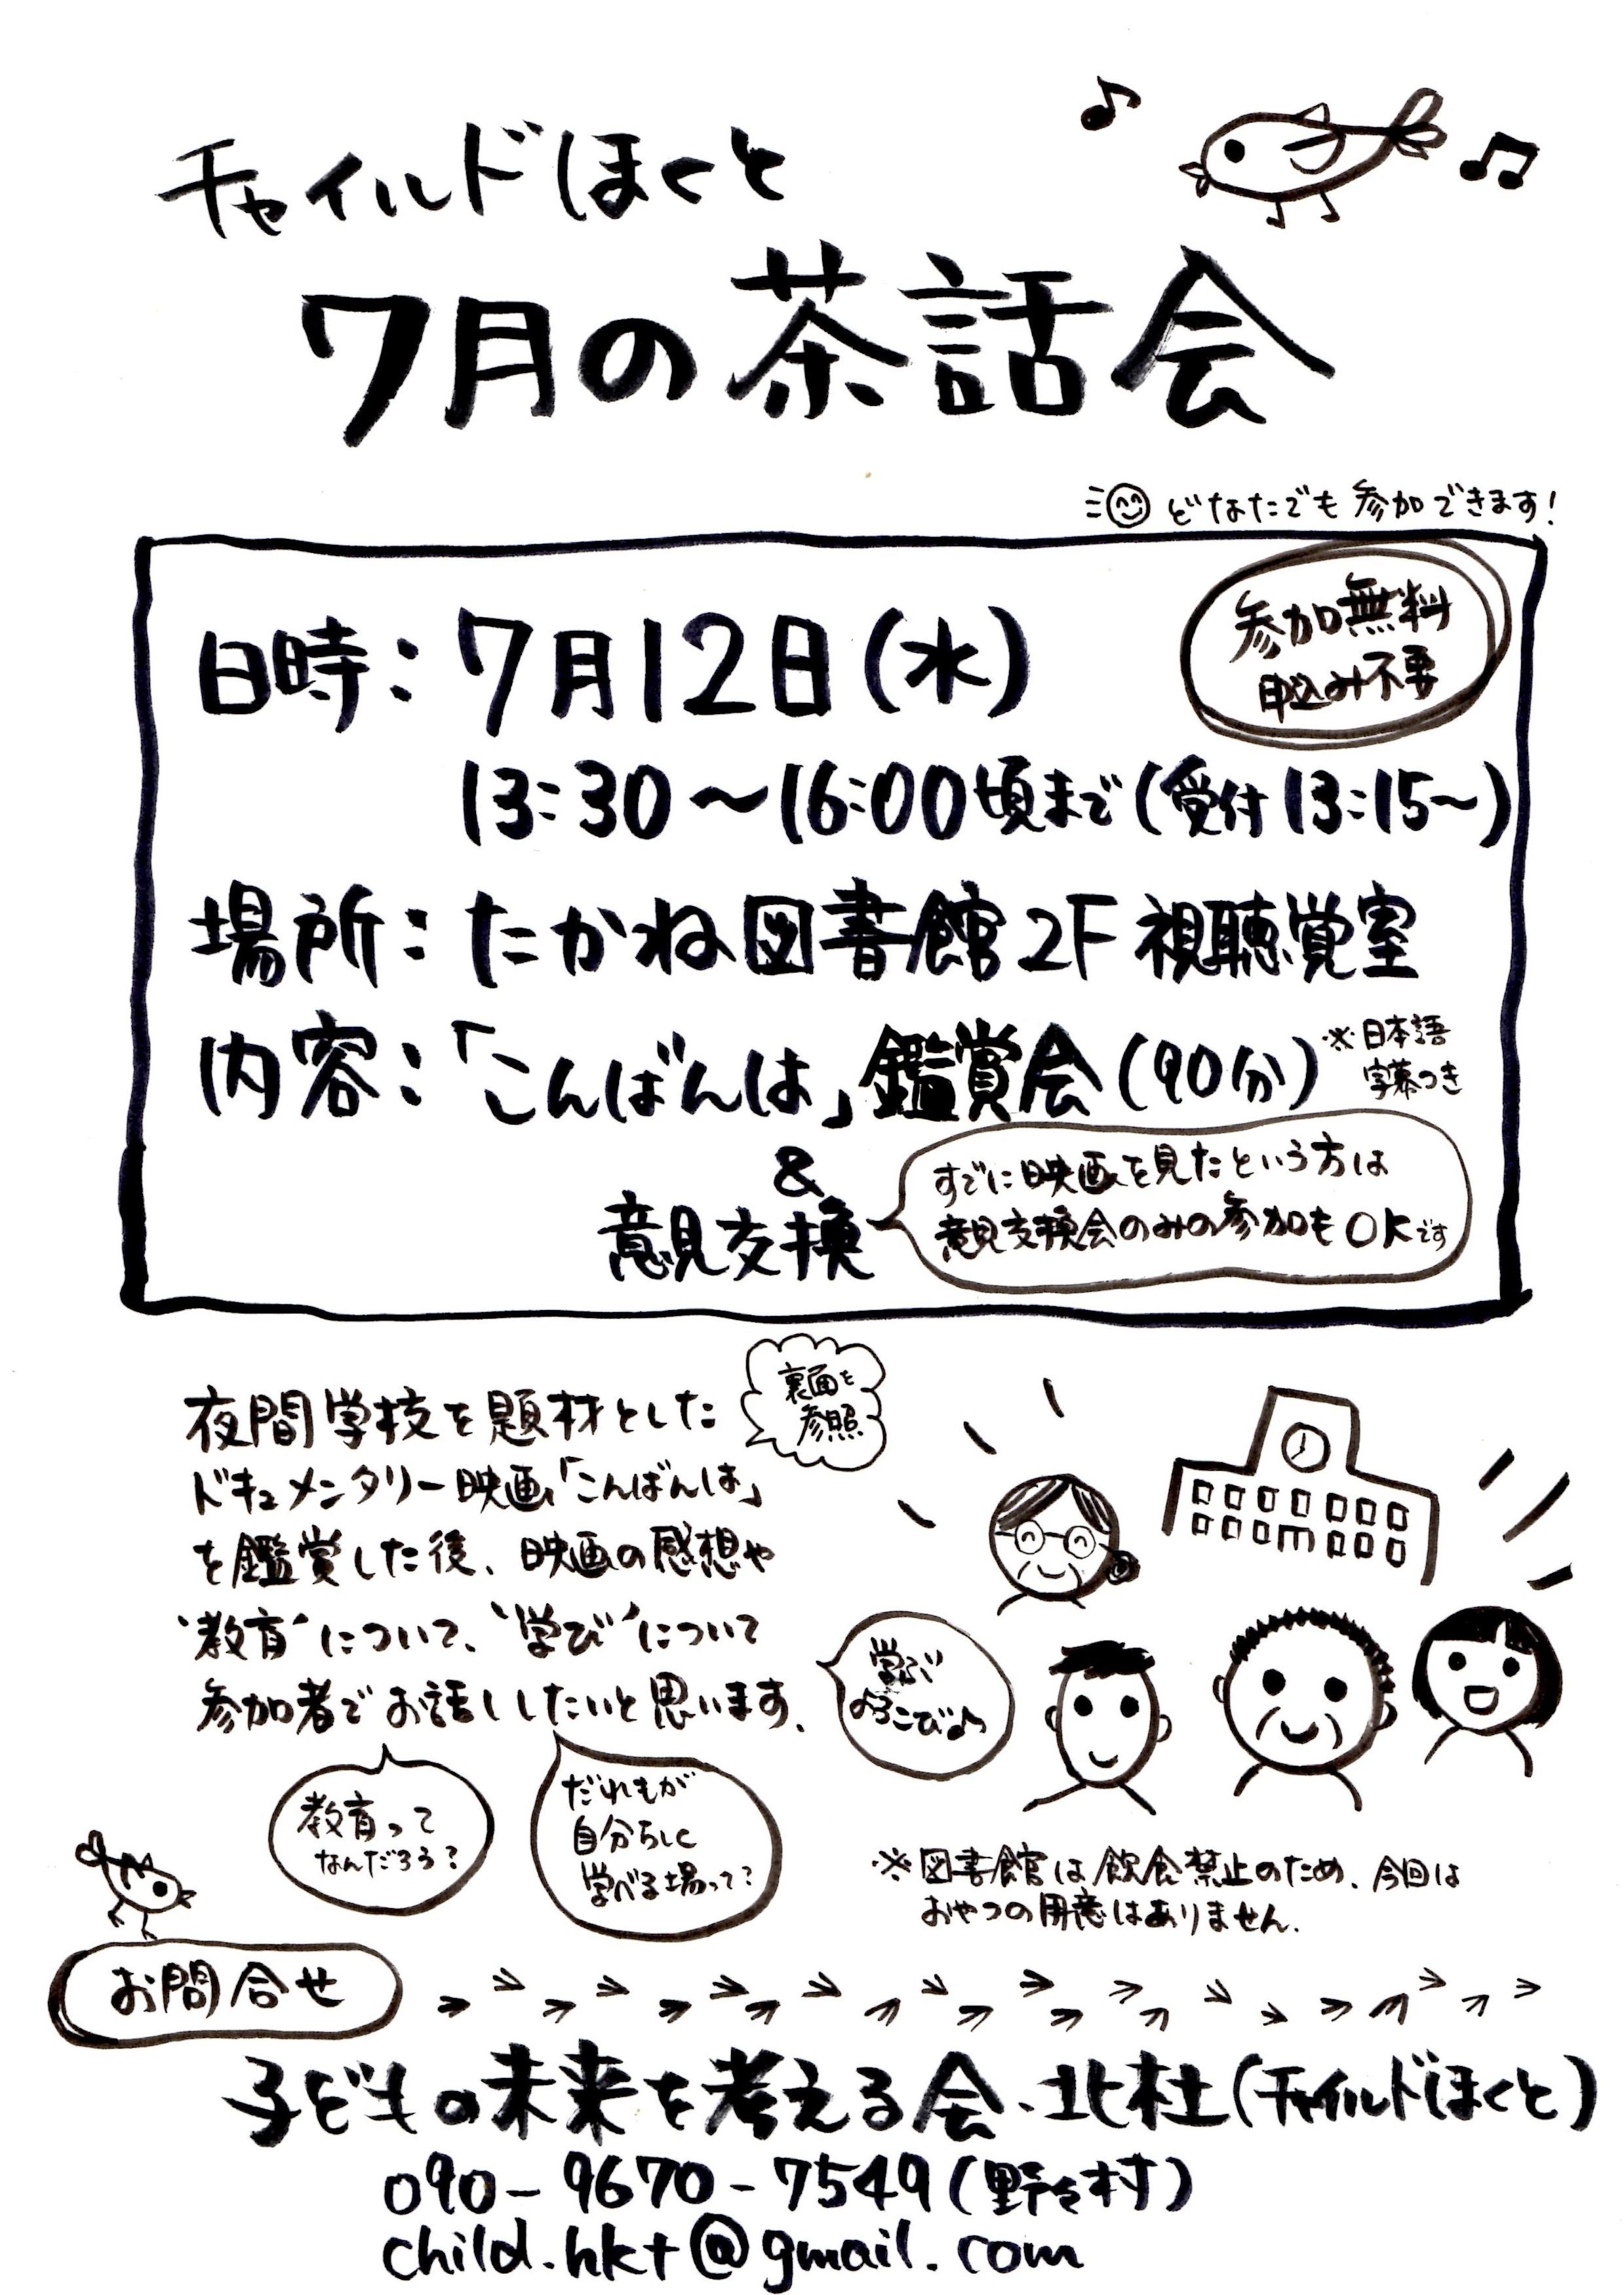 20170708211911f94.jpg